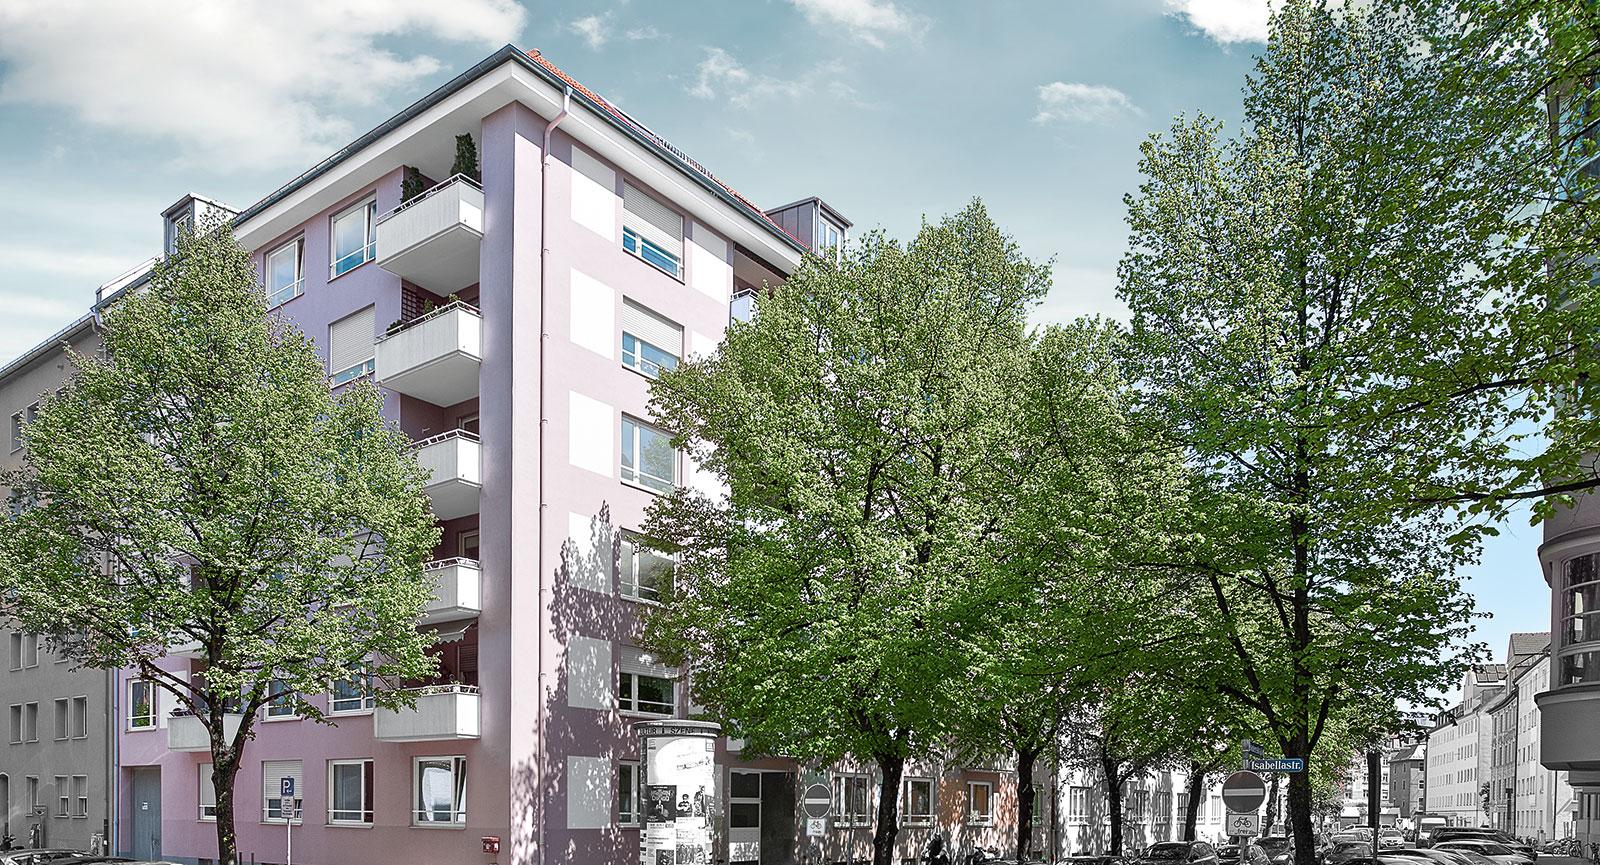 Bauerstraße